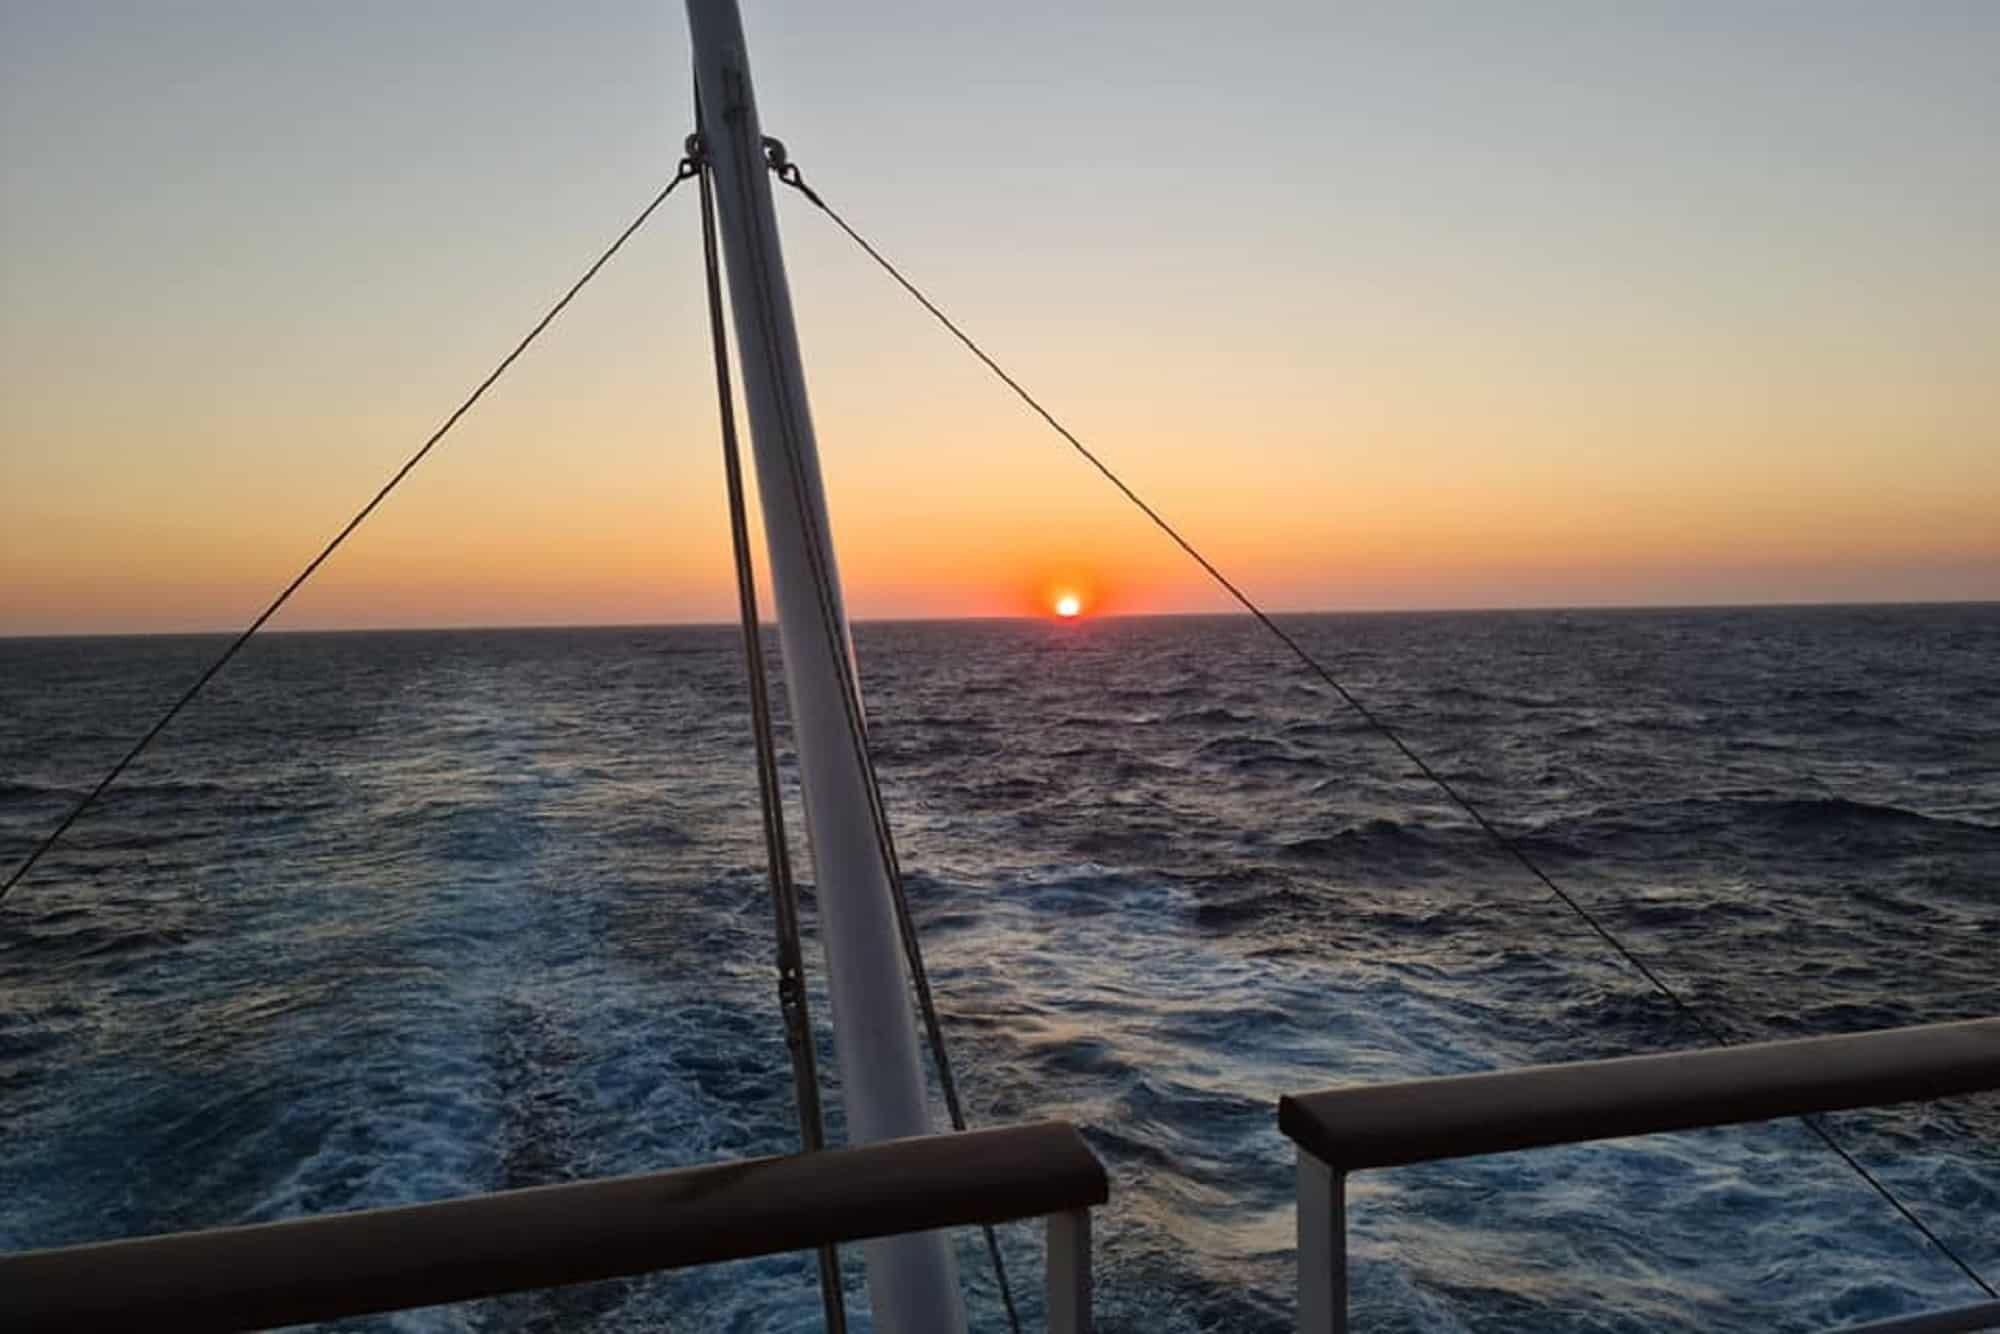 Hünnebeck auf Kreuzfahrt im Mittelmeer